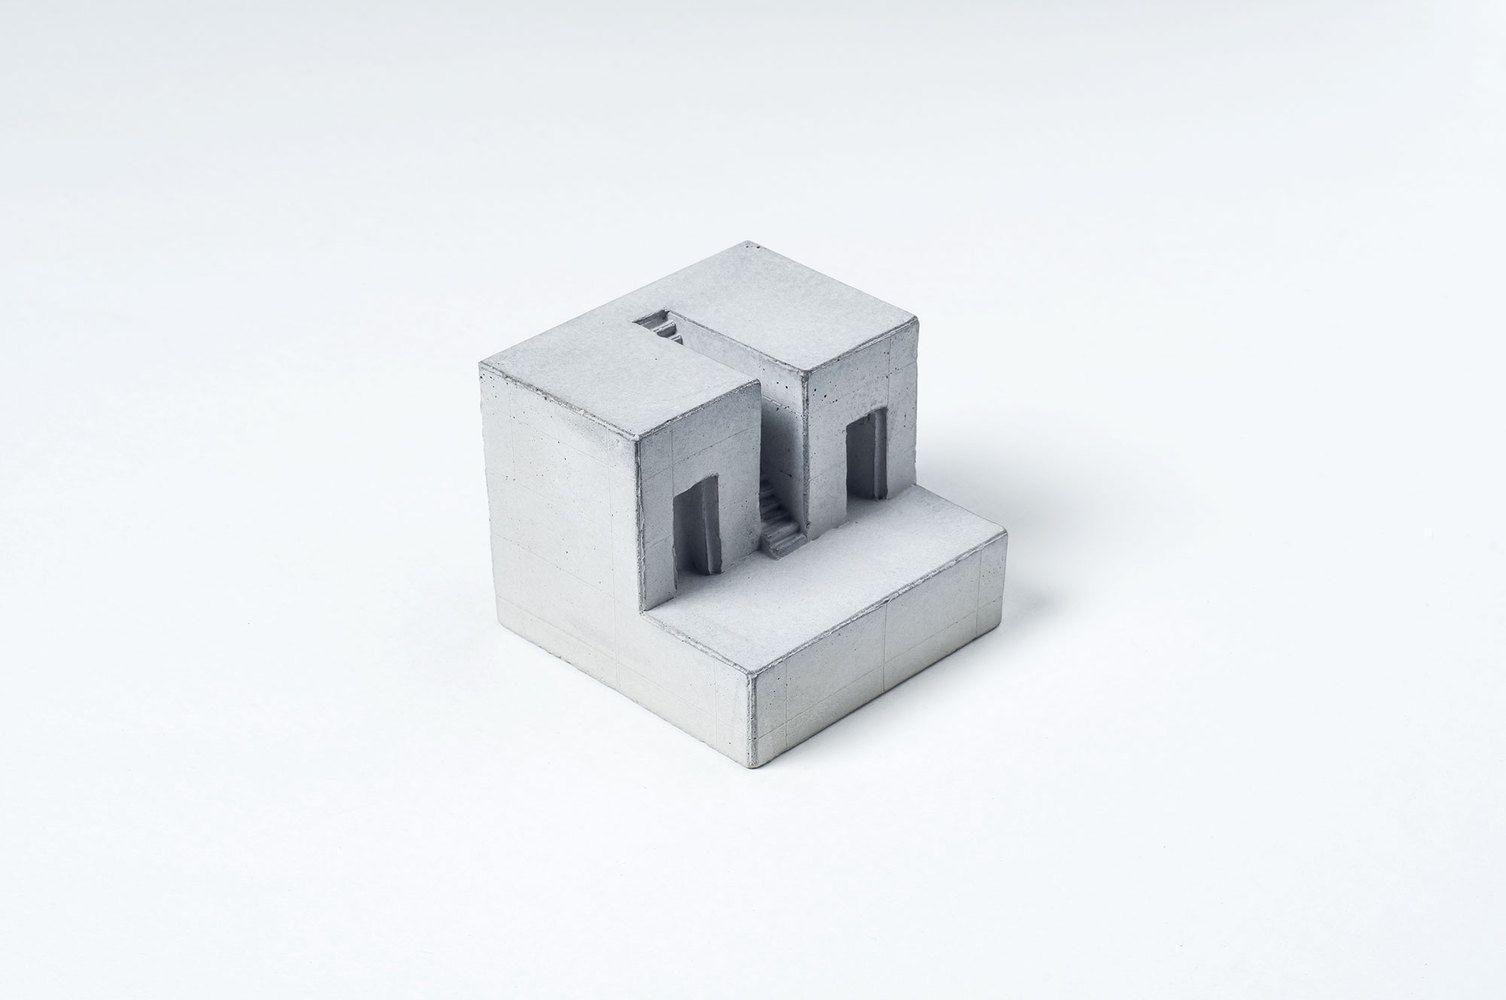 Spaces, un juego de geometrías y volúmenes por Material Immaterial Studio,© Sameer Tawde